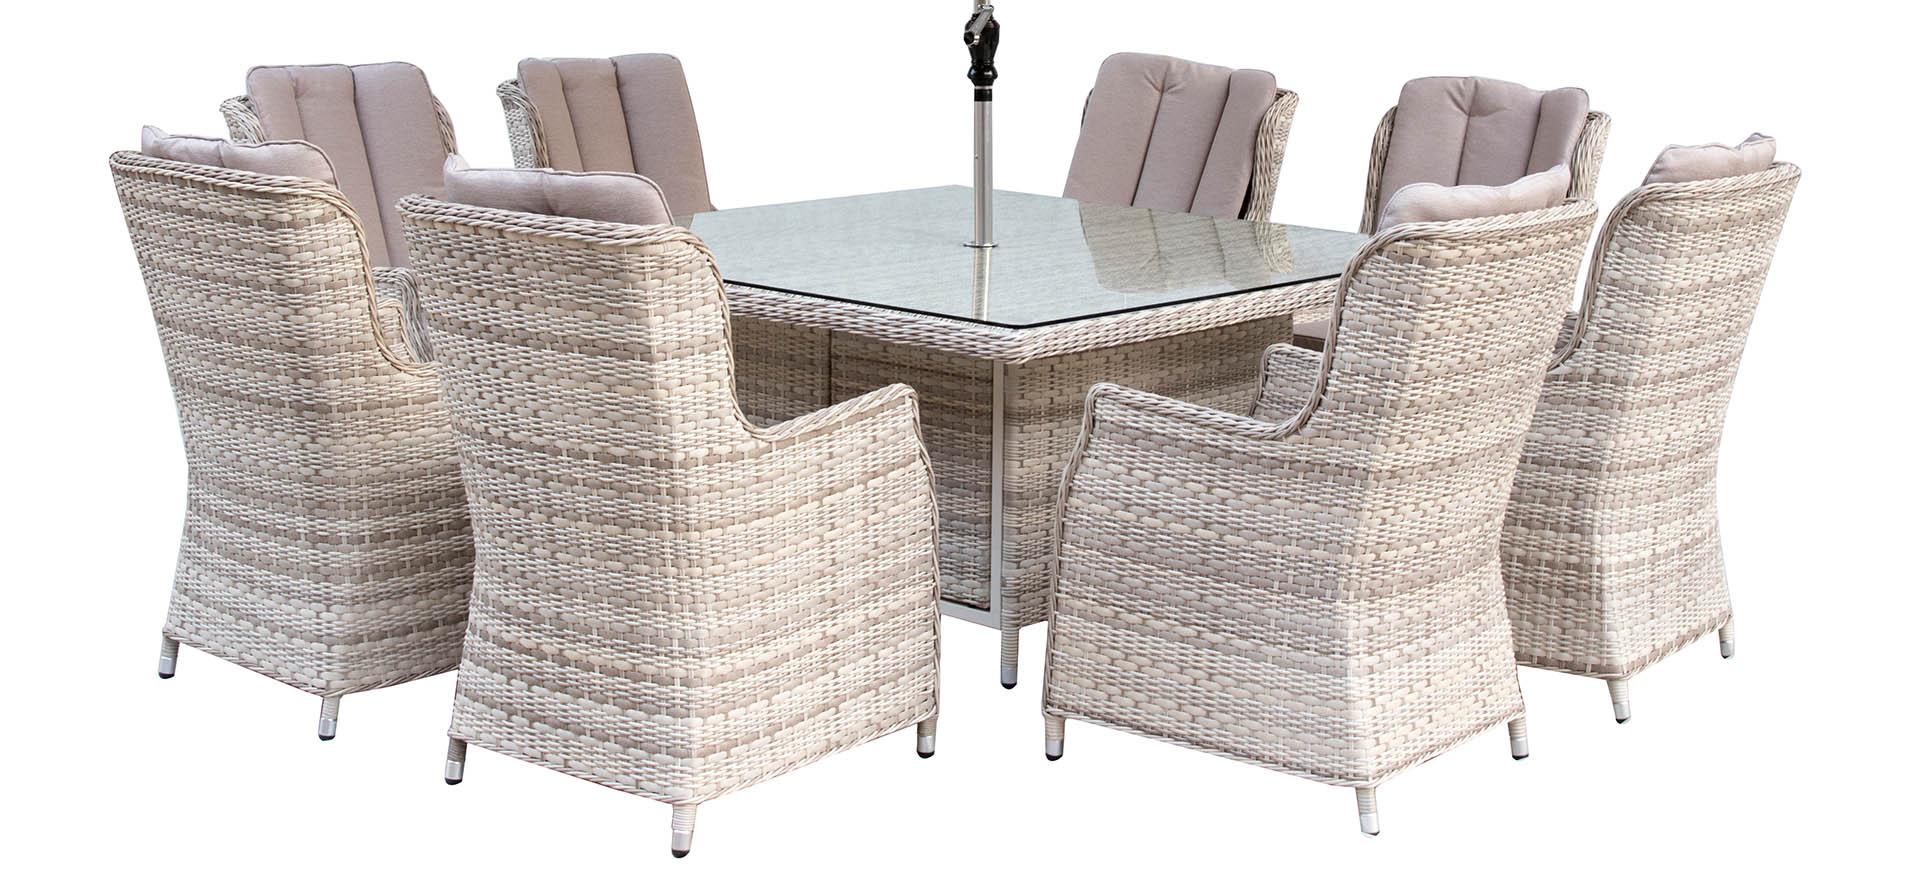 Melbourne 8 Chair Set